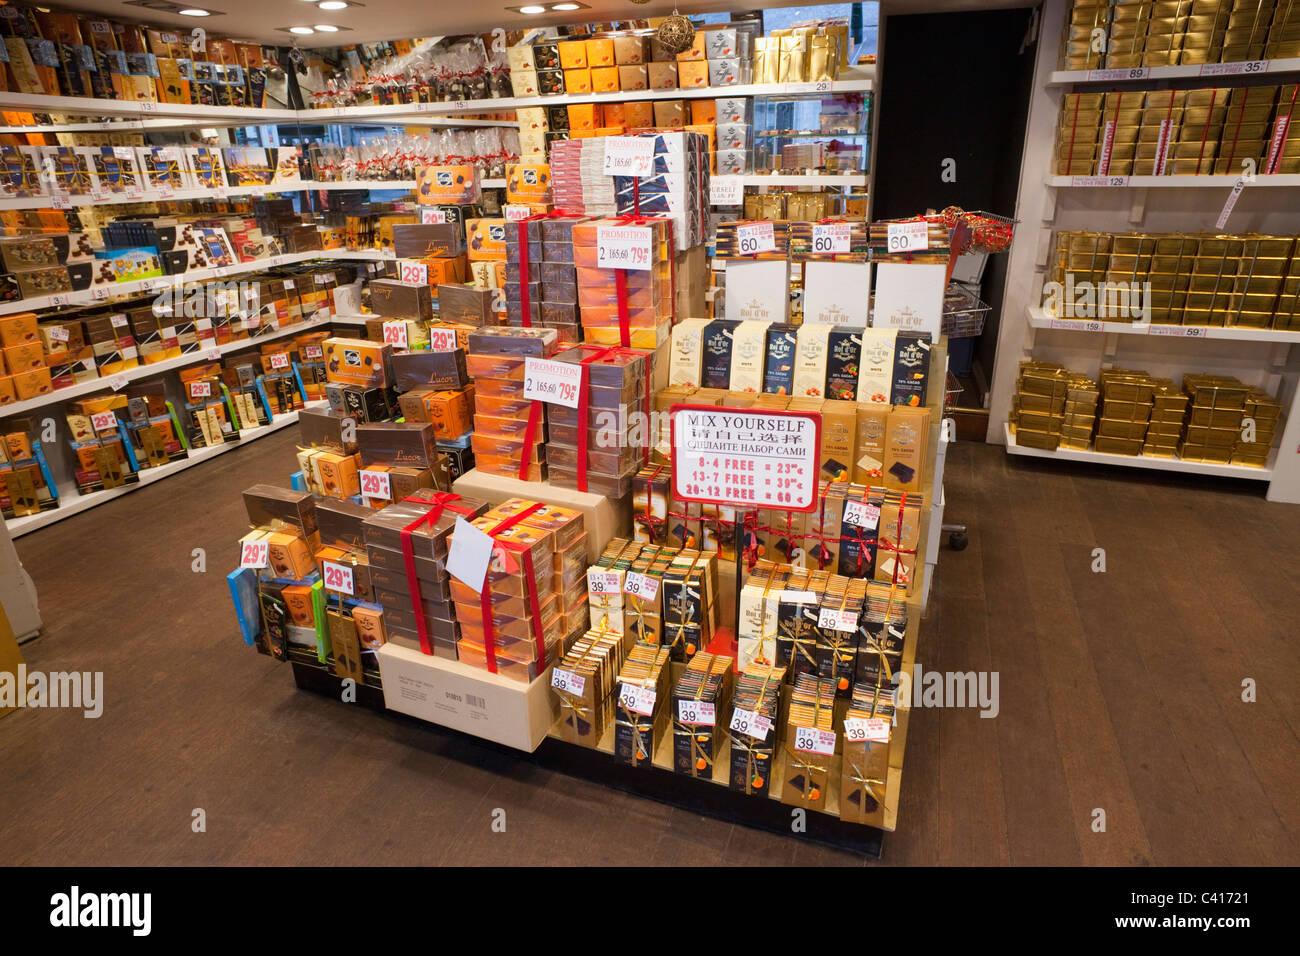 Europe, Belgium, Brussels, Bruxelles, Chocolate, Chocolates Stock ...